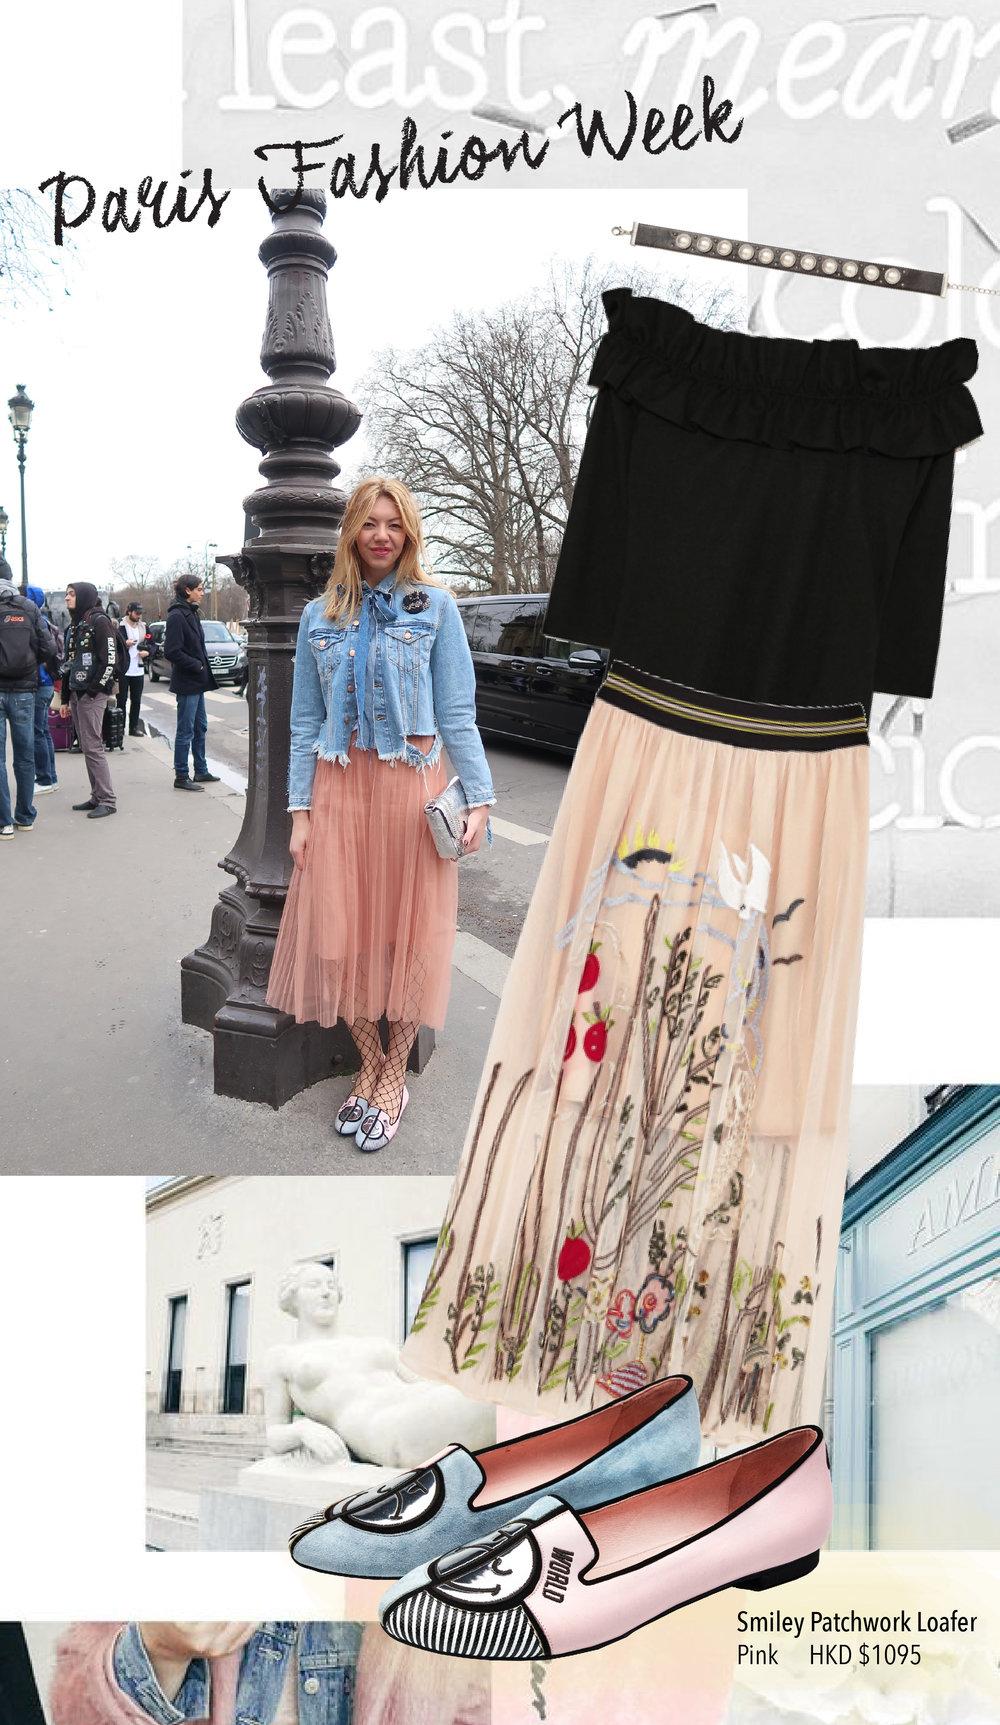 Paris Fashion Week Snaps-02.jpg